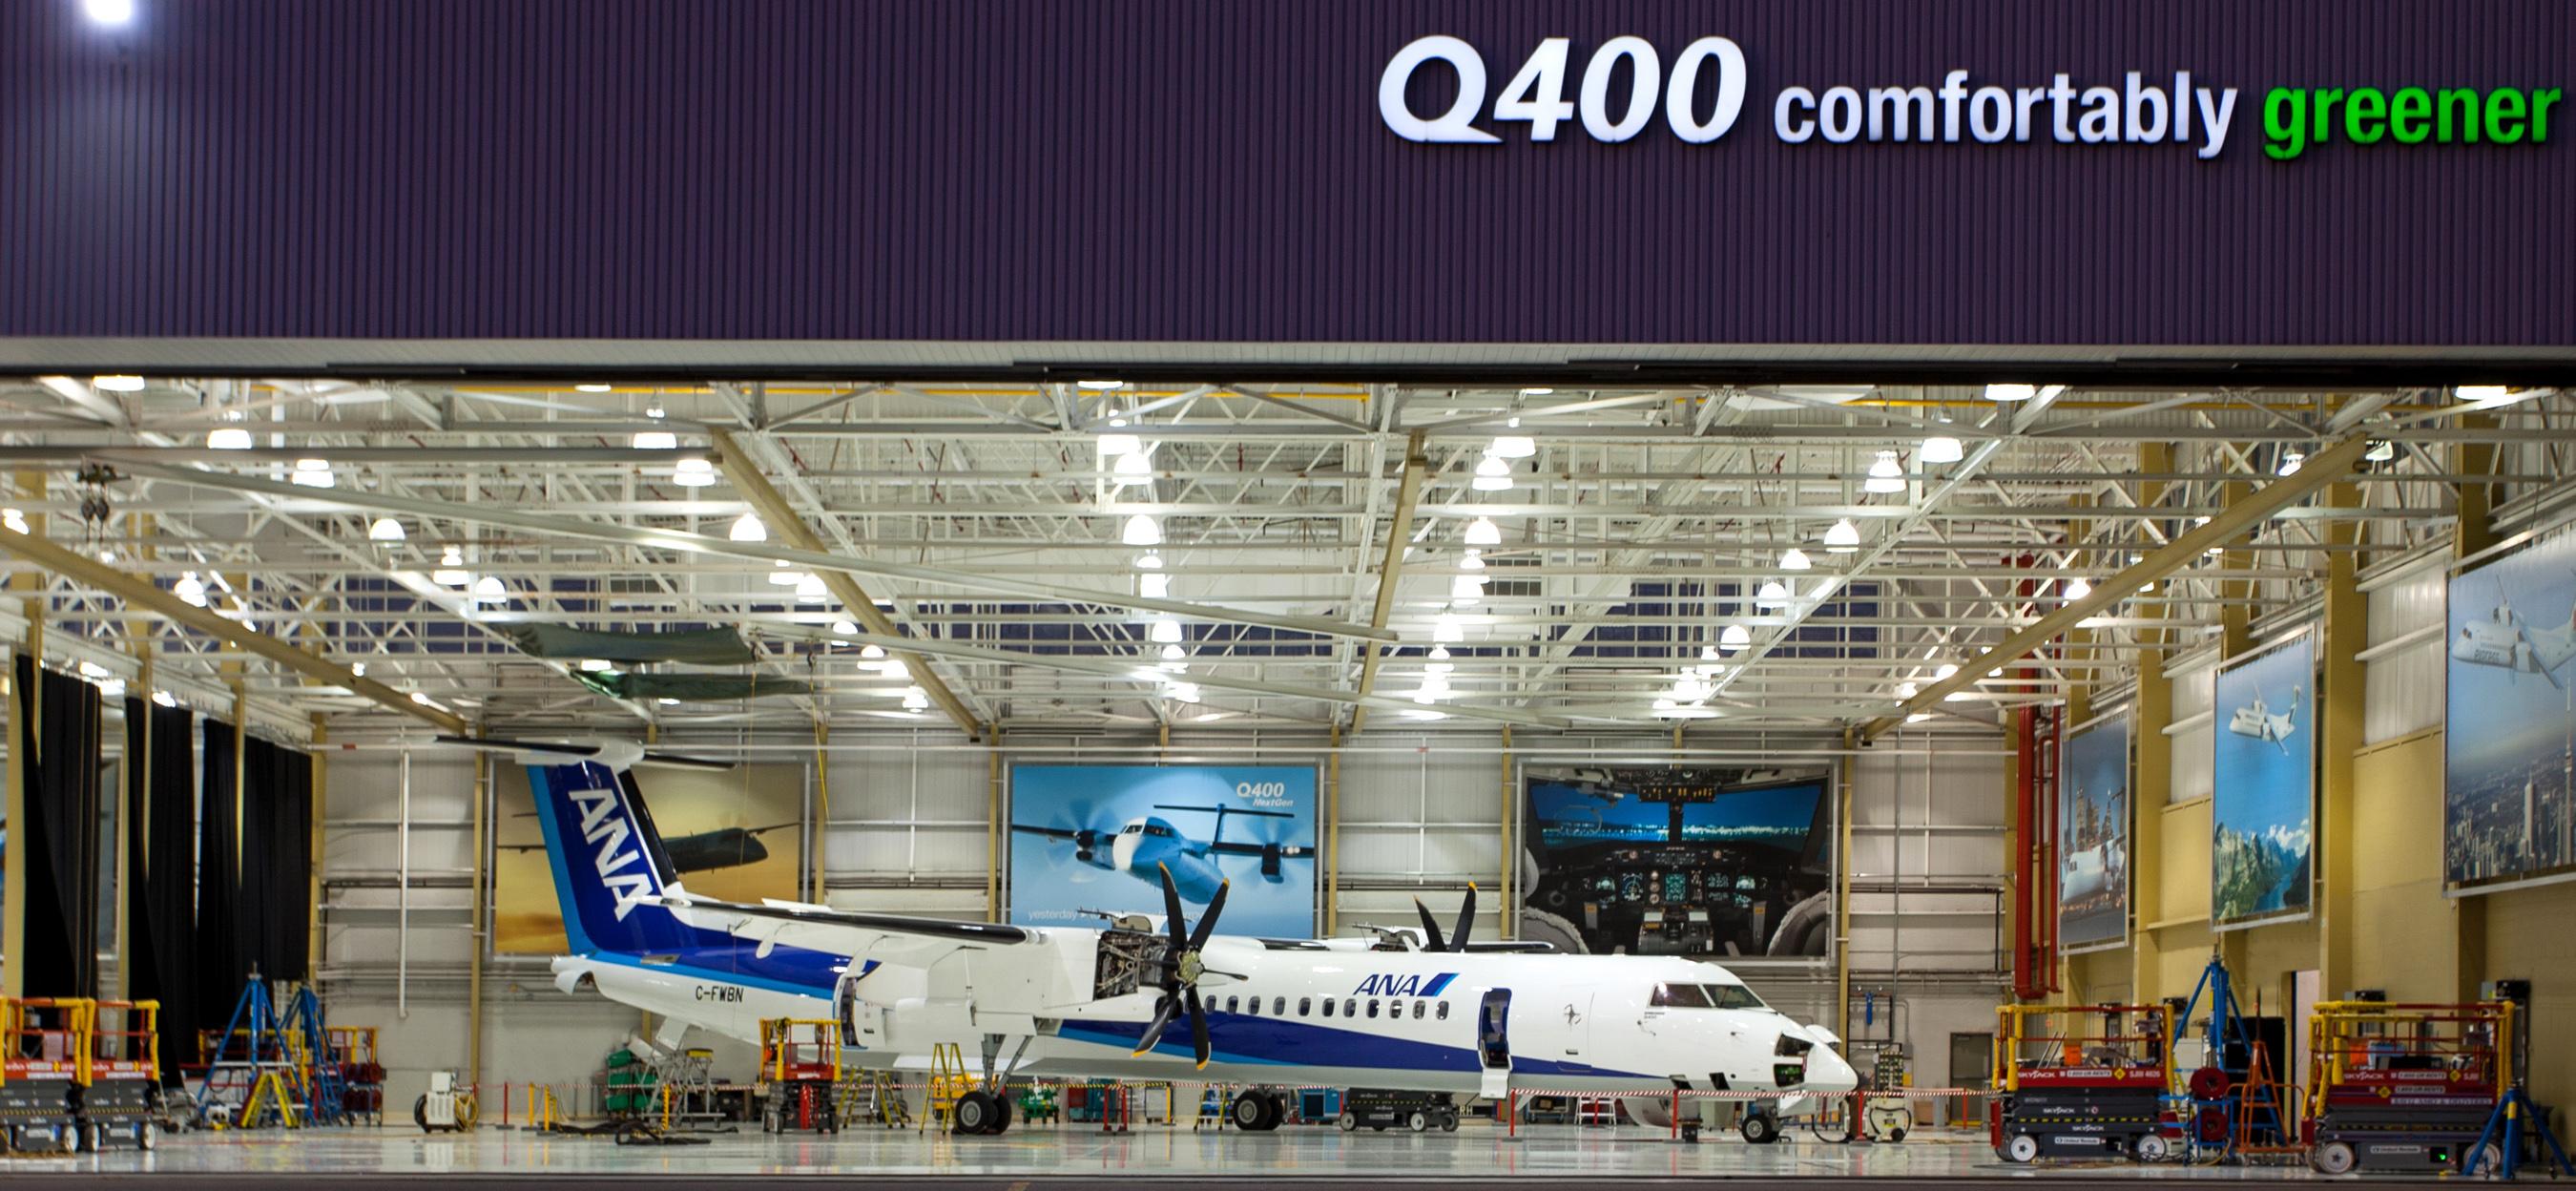 Resultado de imagen para Bombardier Inc Downsview Q400